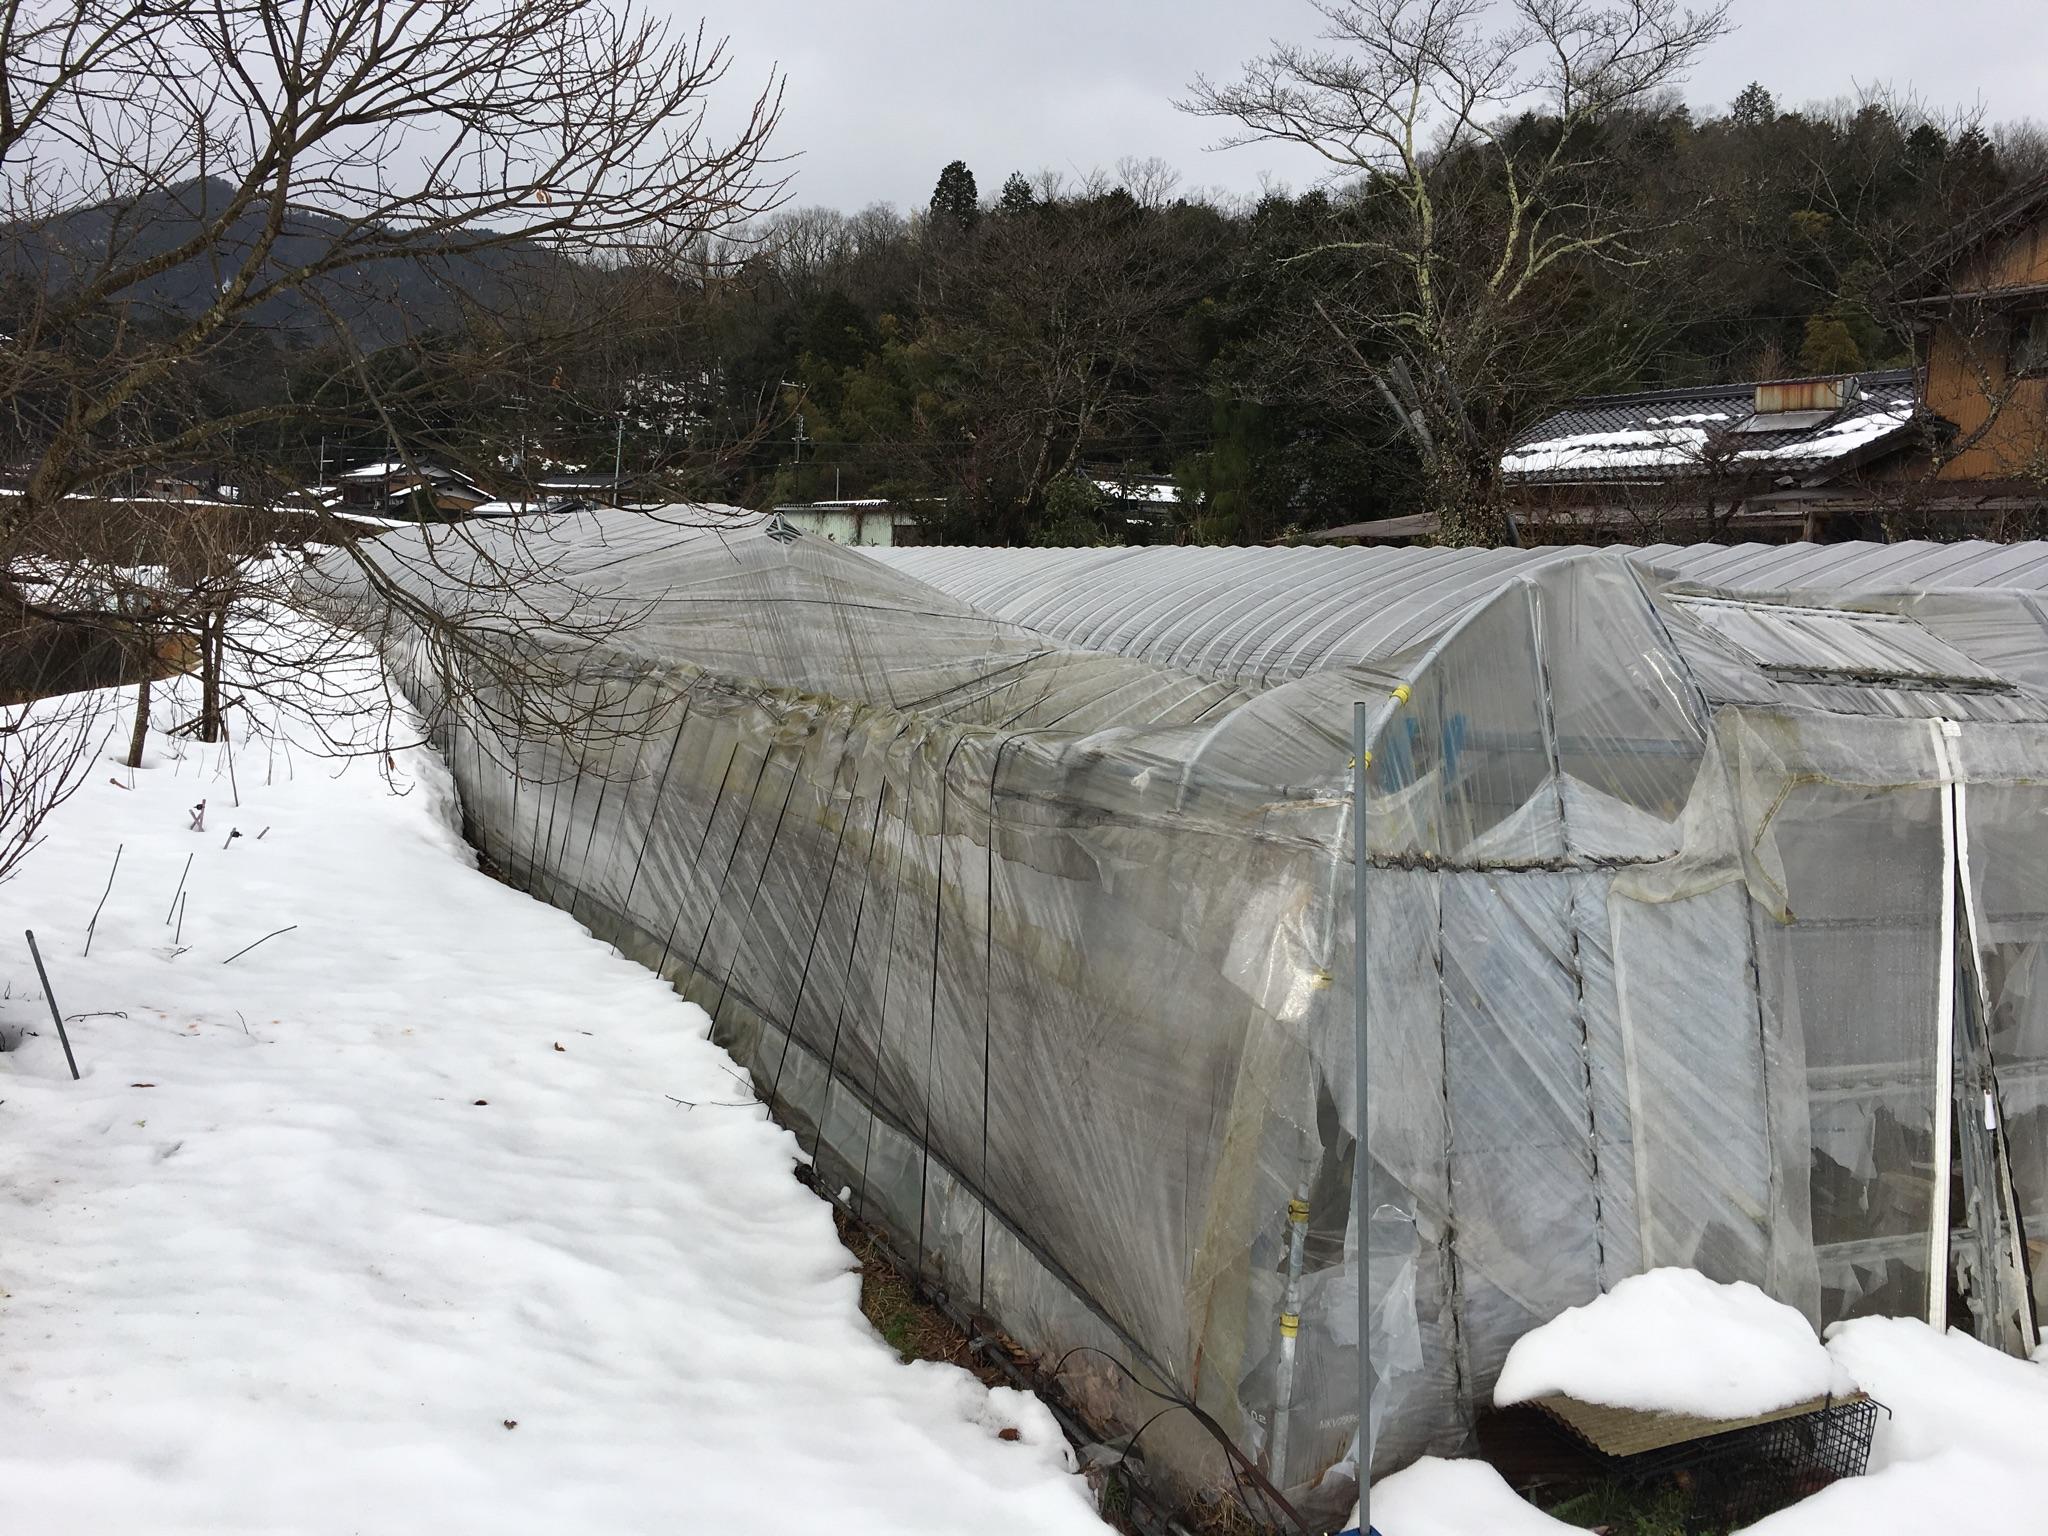 鳥垣昭-1 雪